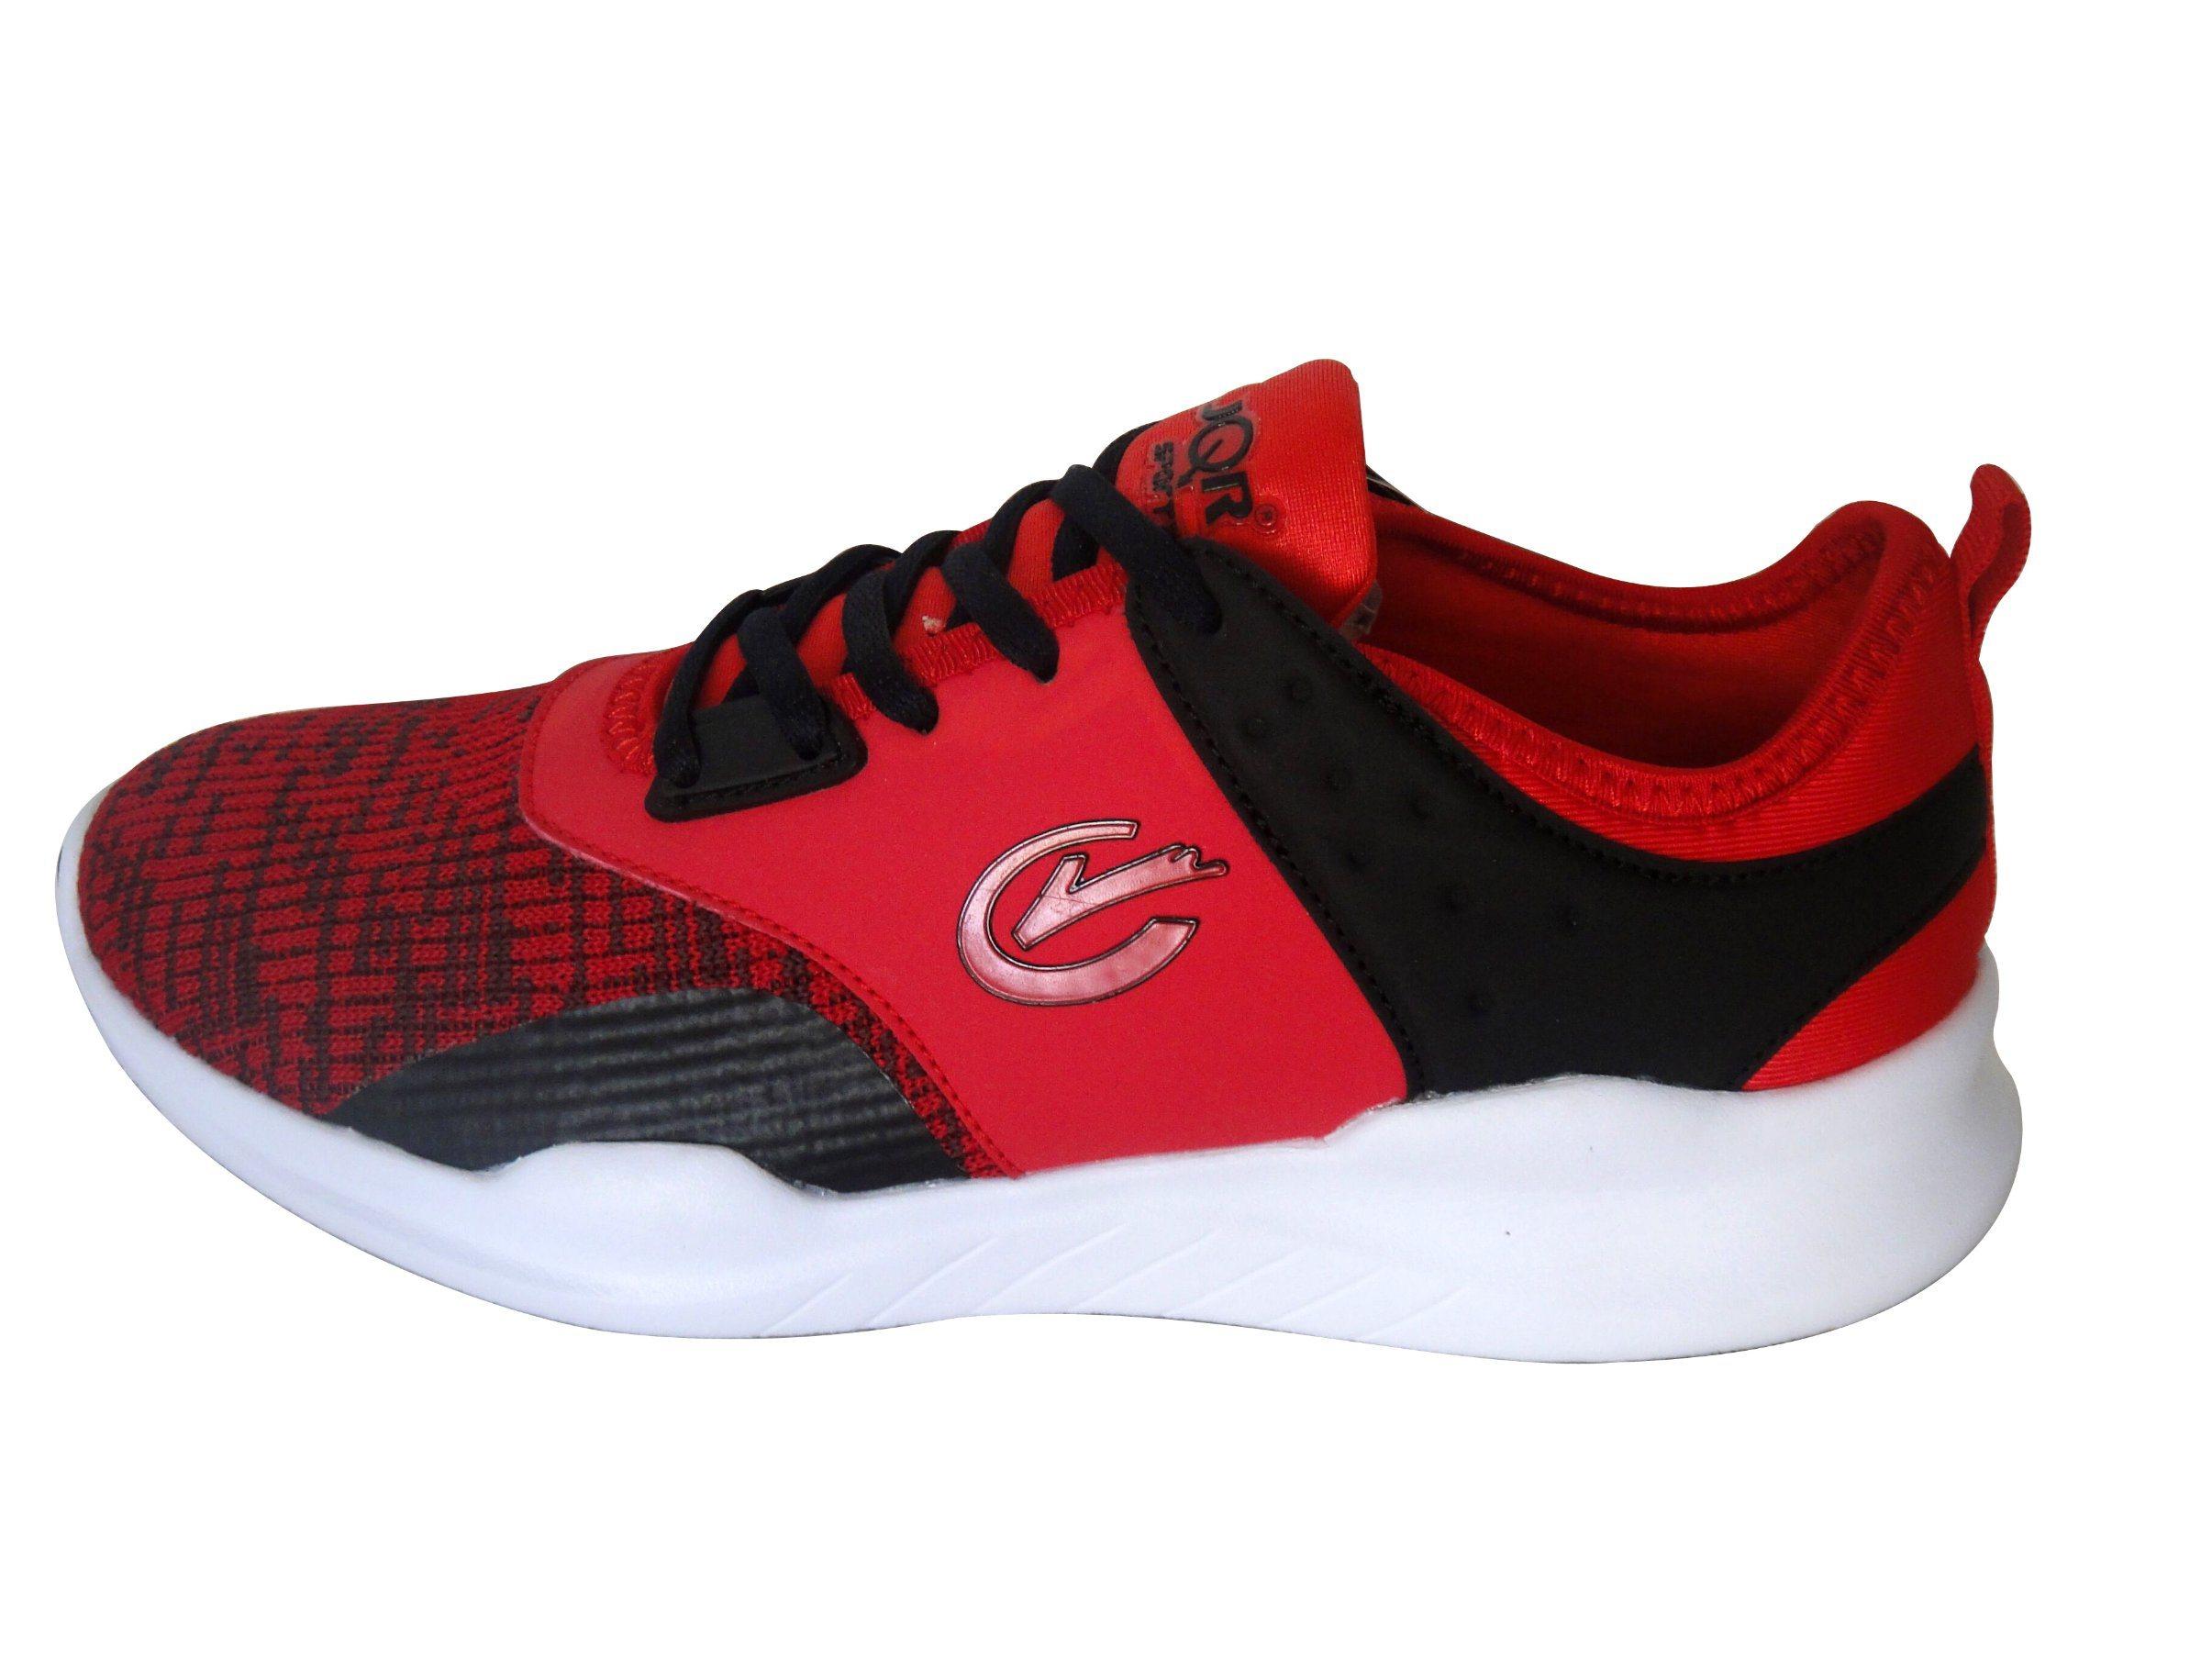 sport en partir Vente Acheter fiable de chaussures gros de de à xOxwqpX1